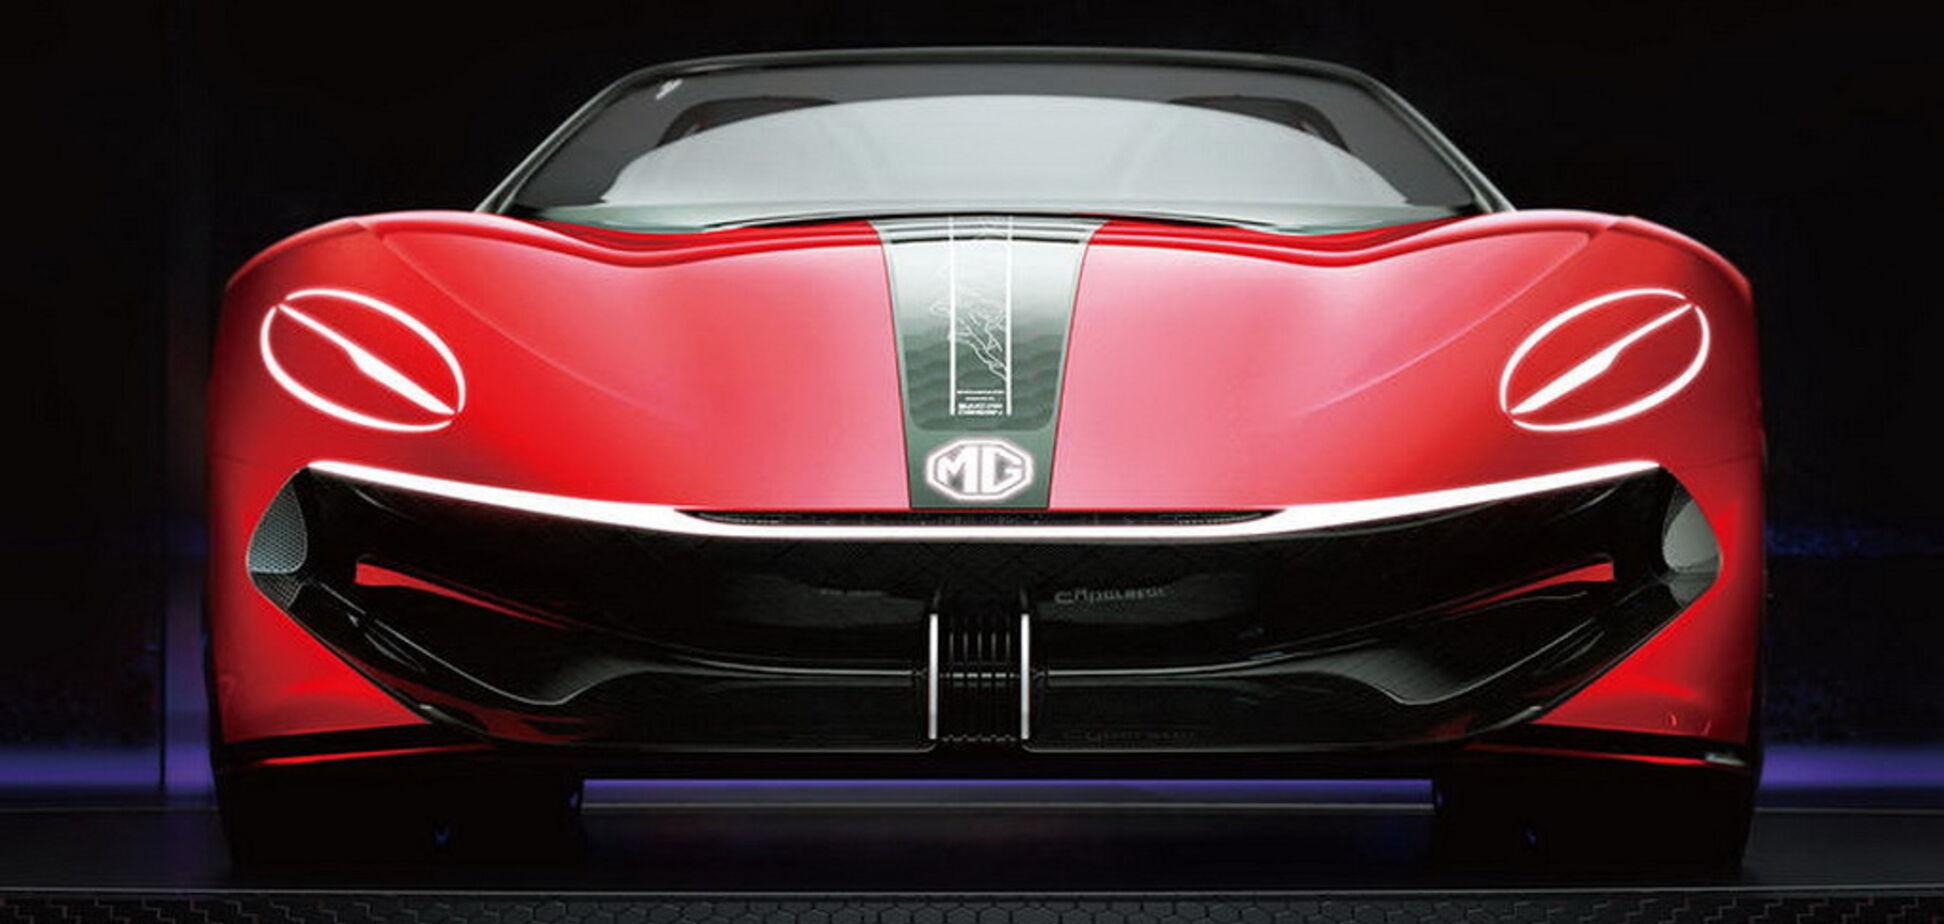 MG покажет на автошоу в Шанхае электрический родстер Cyberster